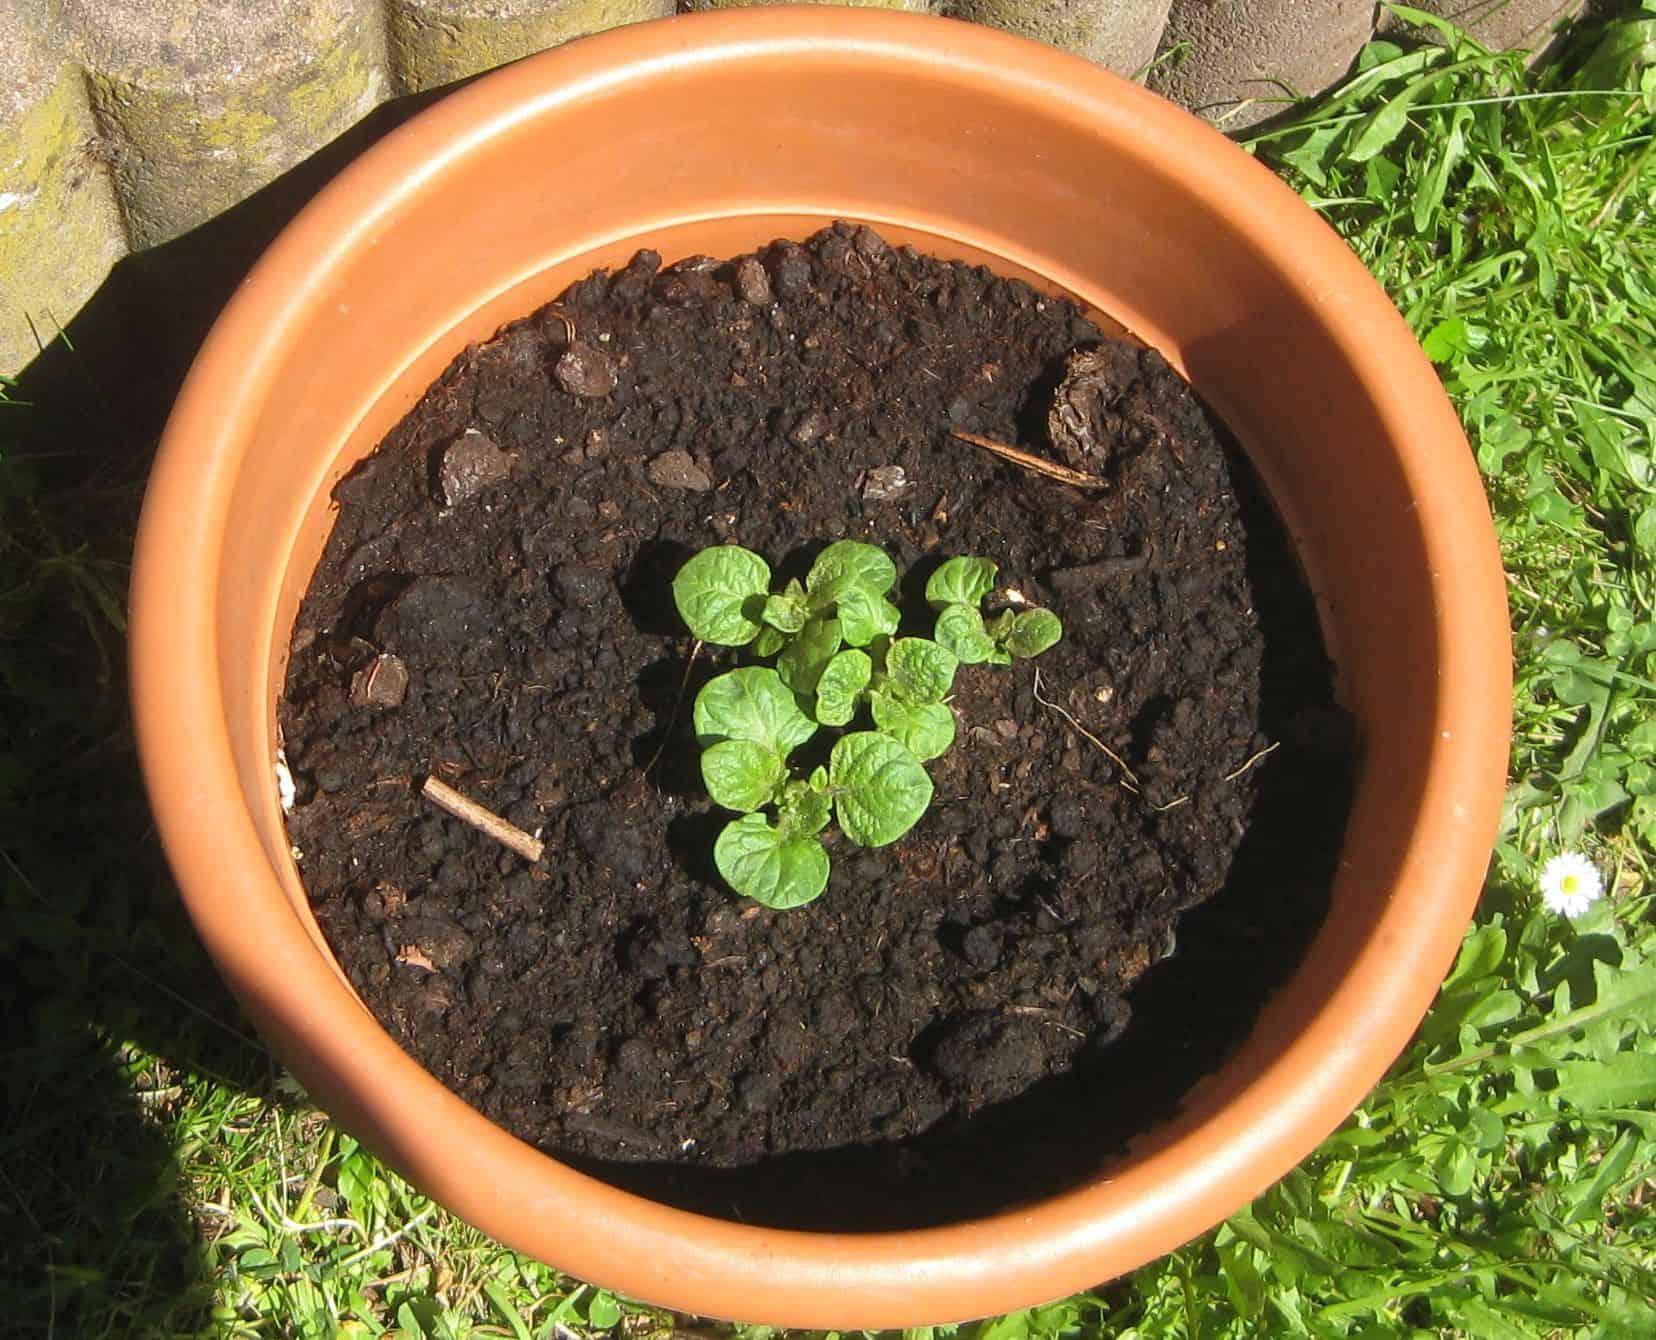 Erste Triebe einer Kartoffelpflanze im Topf